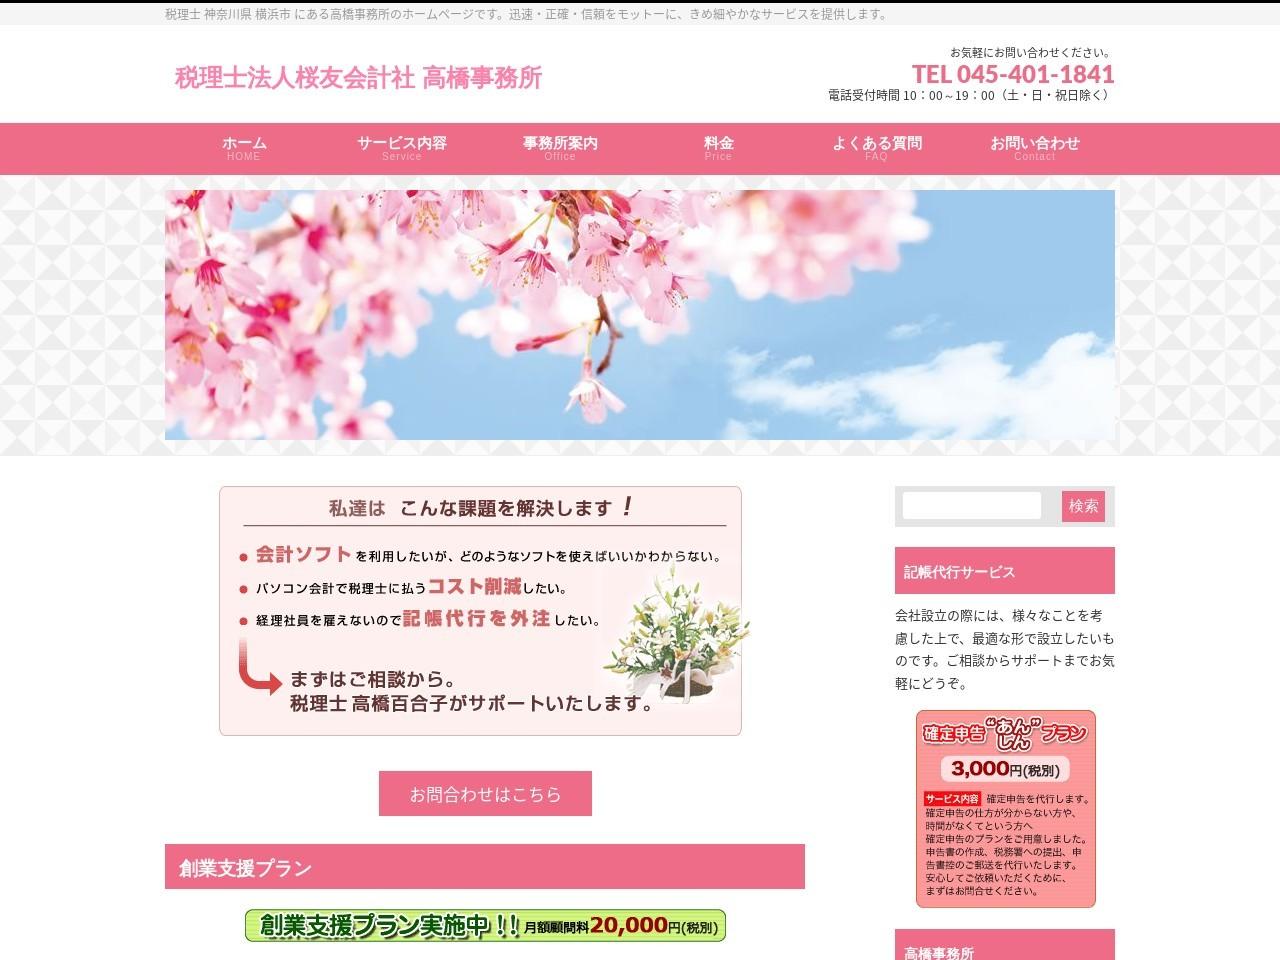 桜友会計社(税理士法人)高橋事務所